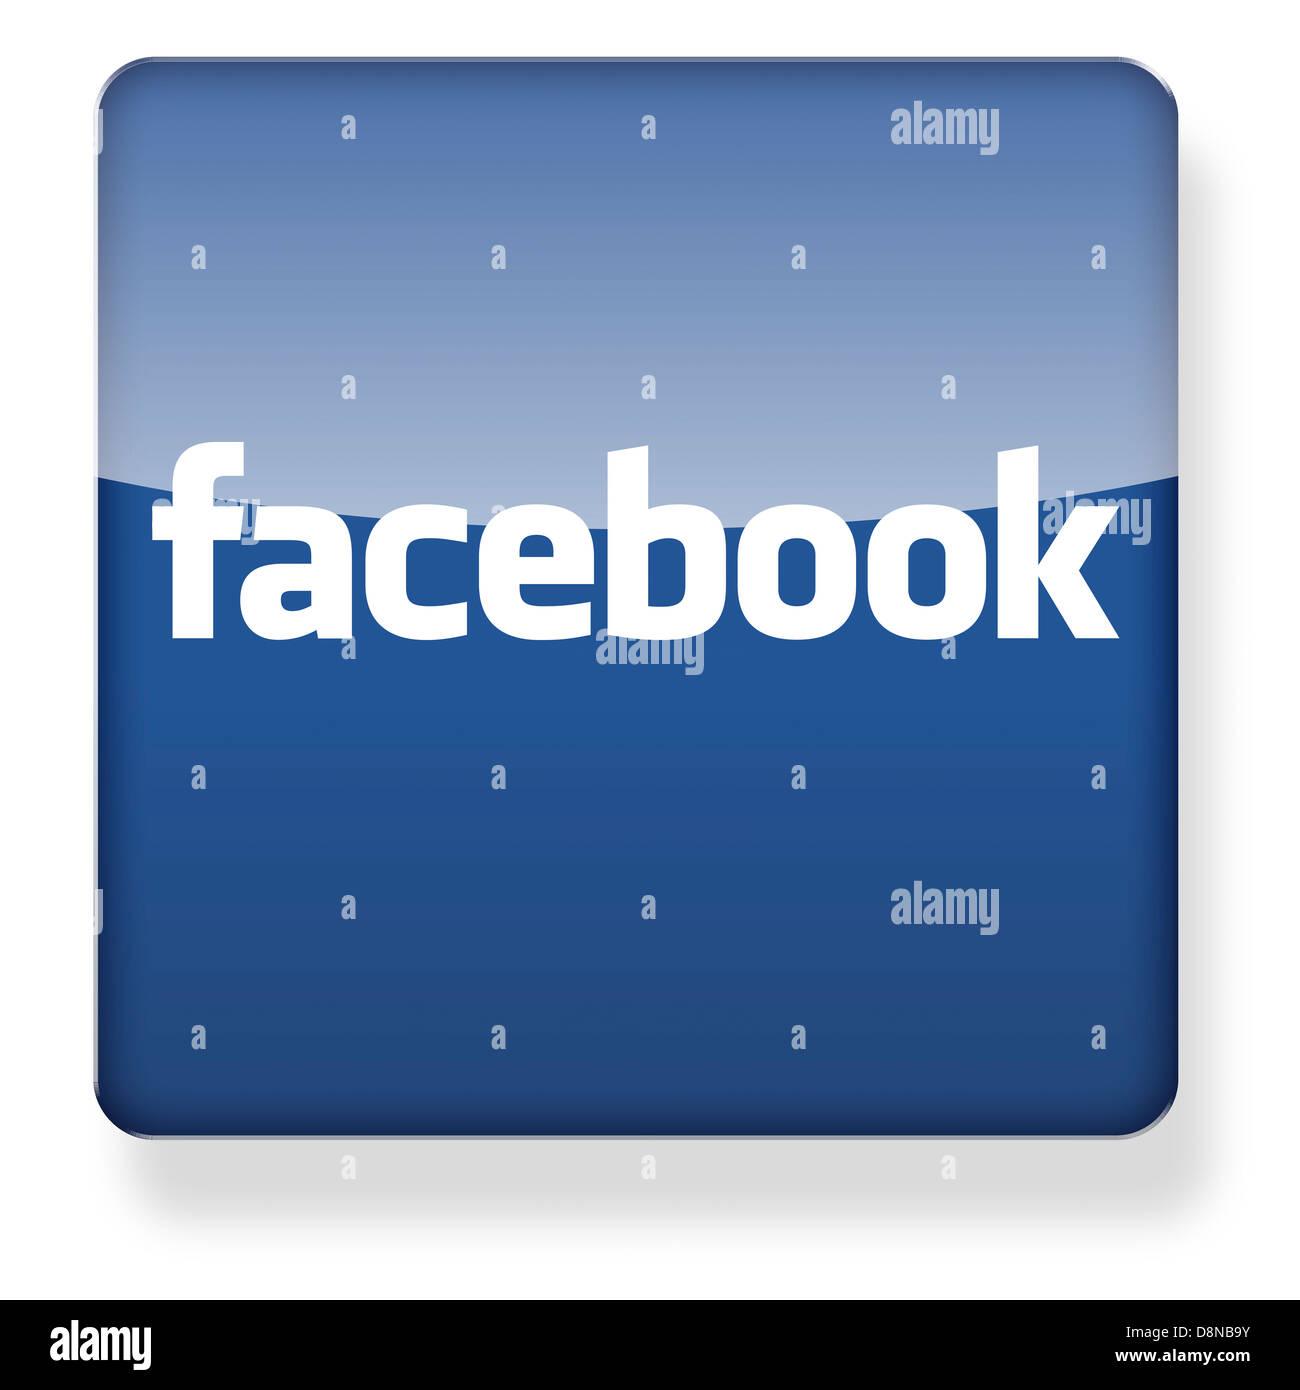 Logo de Facebook comme une icône de l'application. Chemin de détourage inclus. Photo Stock